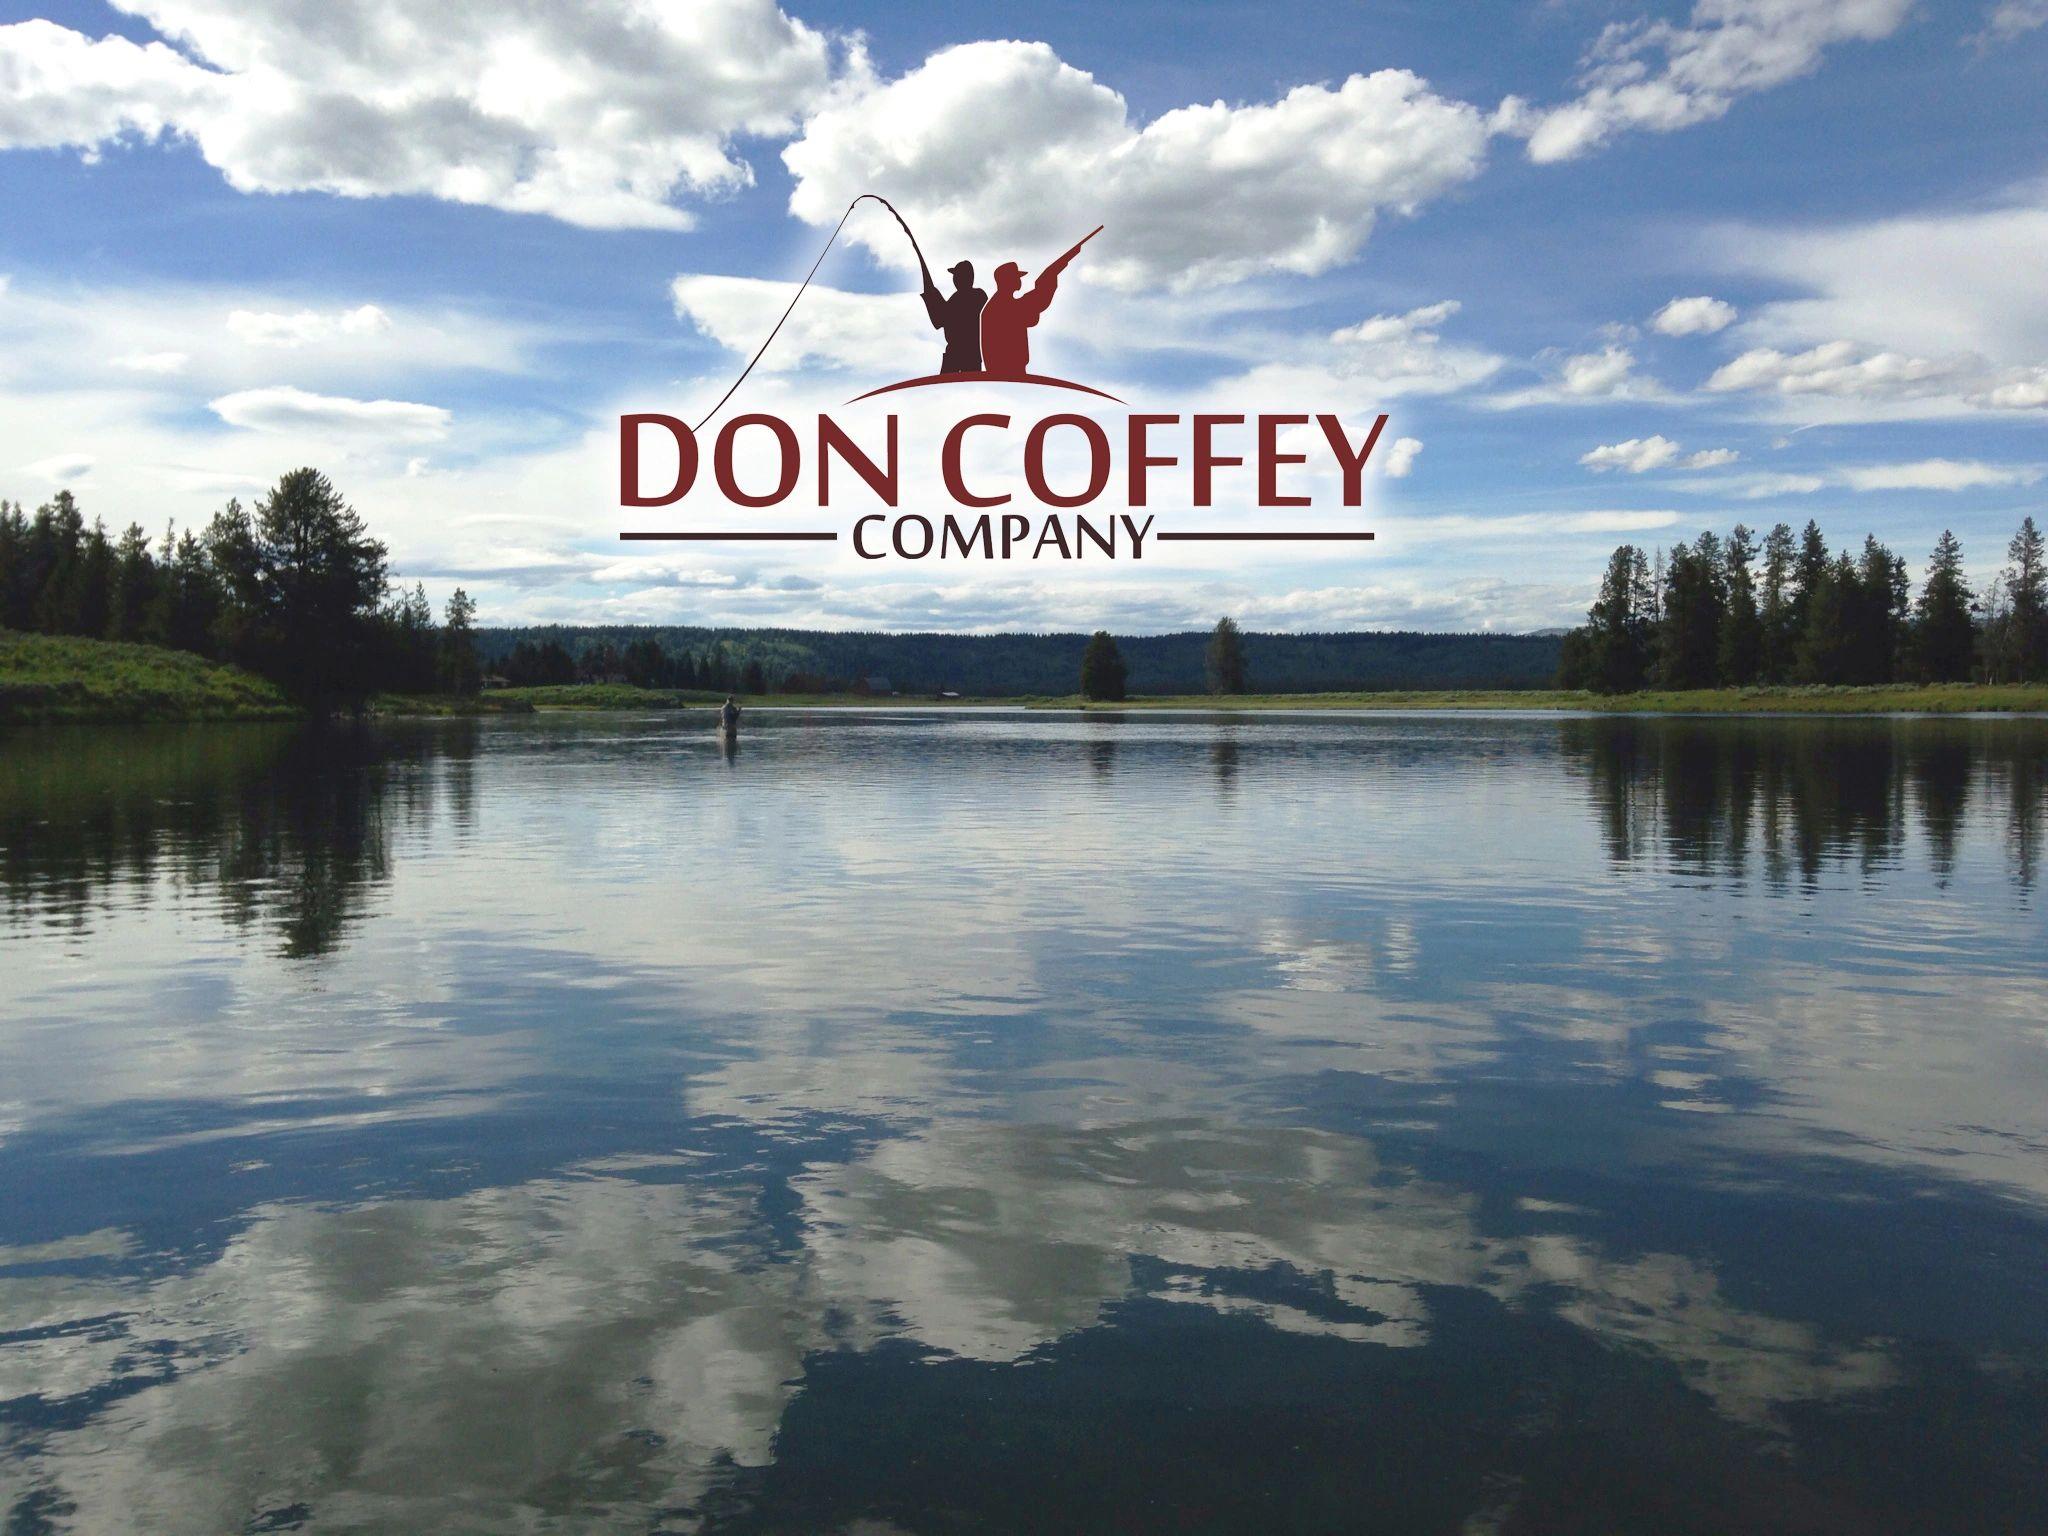 Don Coffey Company